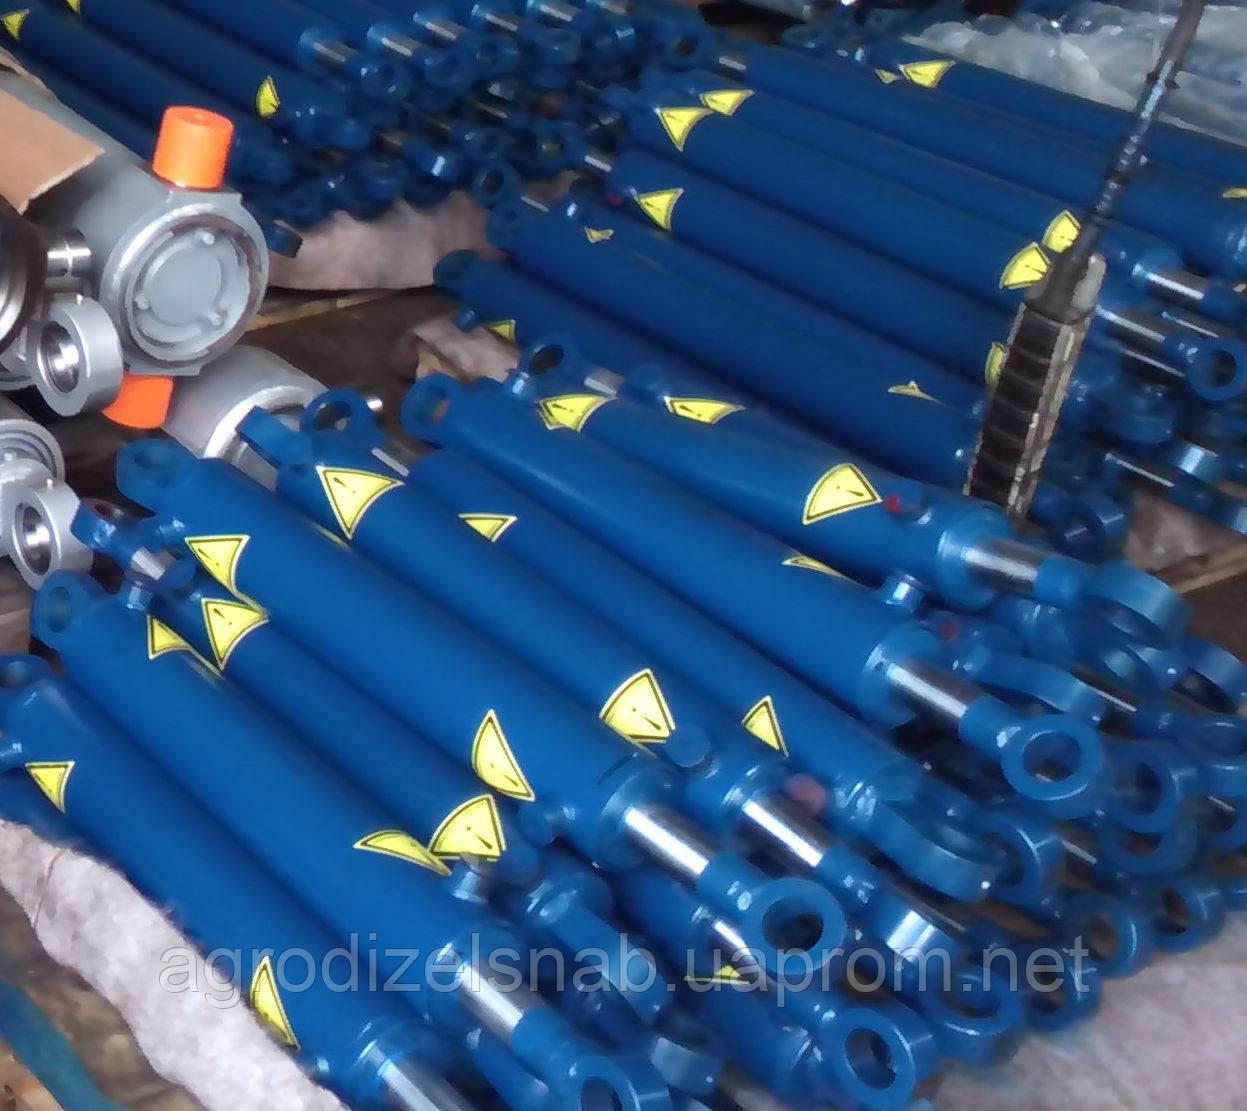 Гидроцилиндр 80х50х320 (манипулятор ПЛ-70-01, ПЛ-70) ЦГ-80.50х320.21